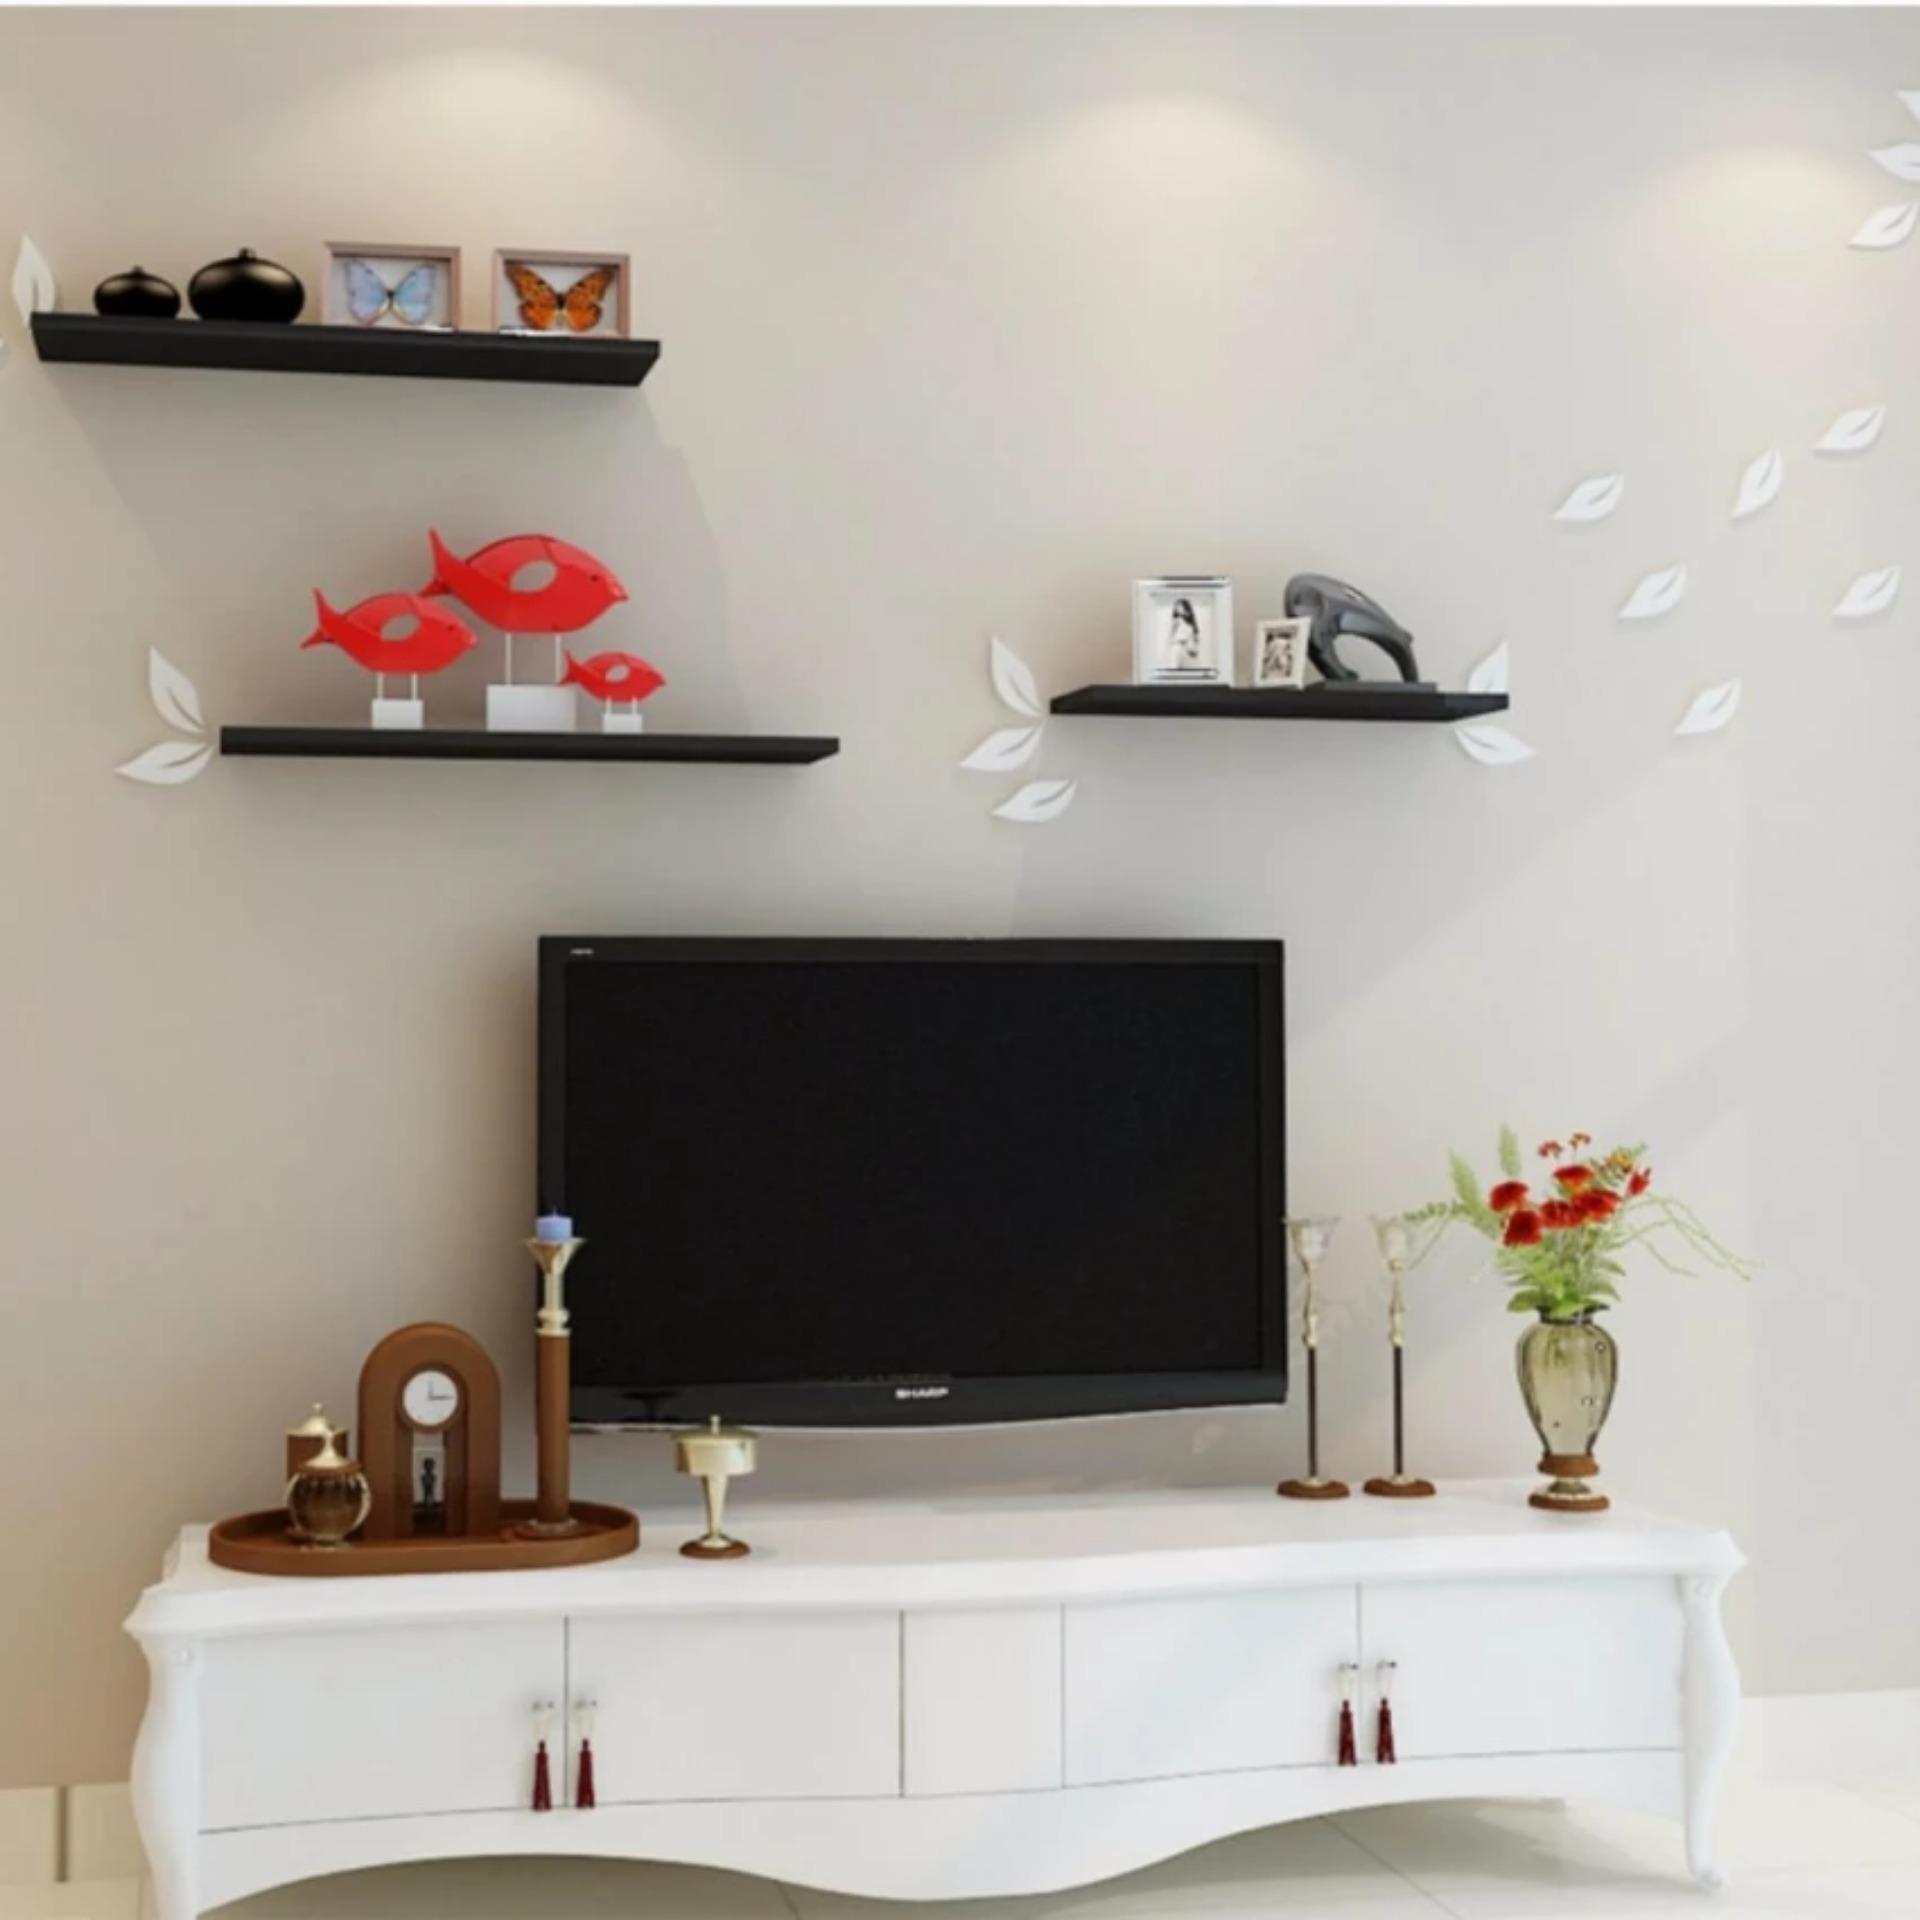 thanh gỗ trang trí Hot Discount Kệ gỗ trang trí Tivi phòng khách bộ 3 thanh dài 60cm  thanh gỗ trang trí